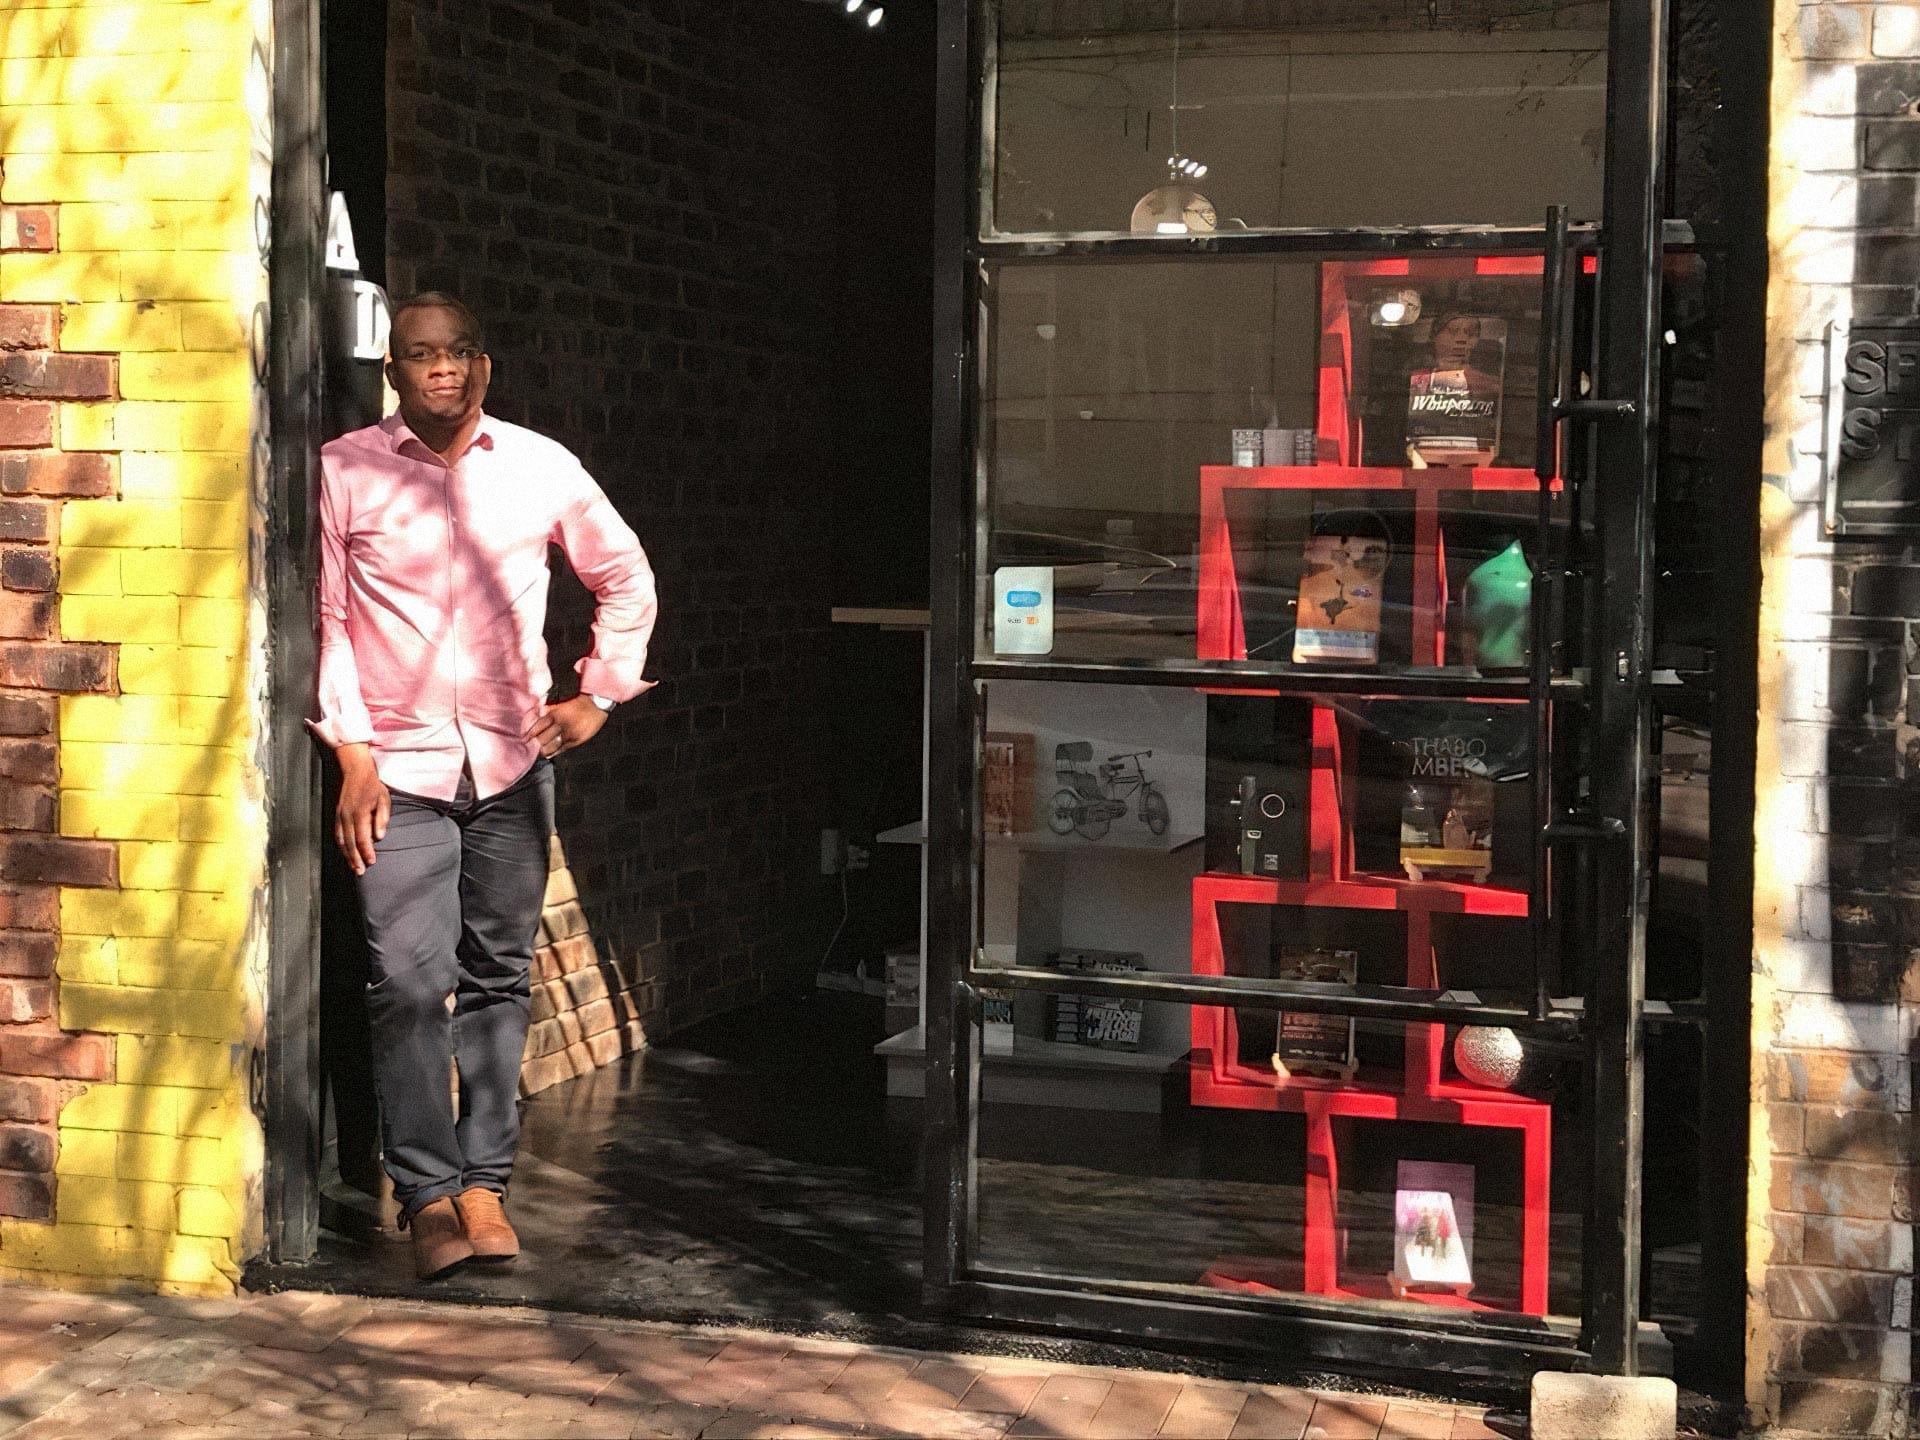 Вход вкнижный магазин Book Circle Capital вЙоханнесбурге, ЮАР. Нафото — Лойко Лангени, который основал магазин вместе сженой Севелой. Фото изличного архива